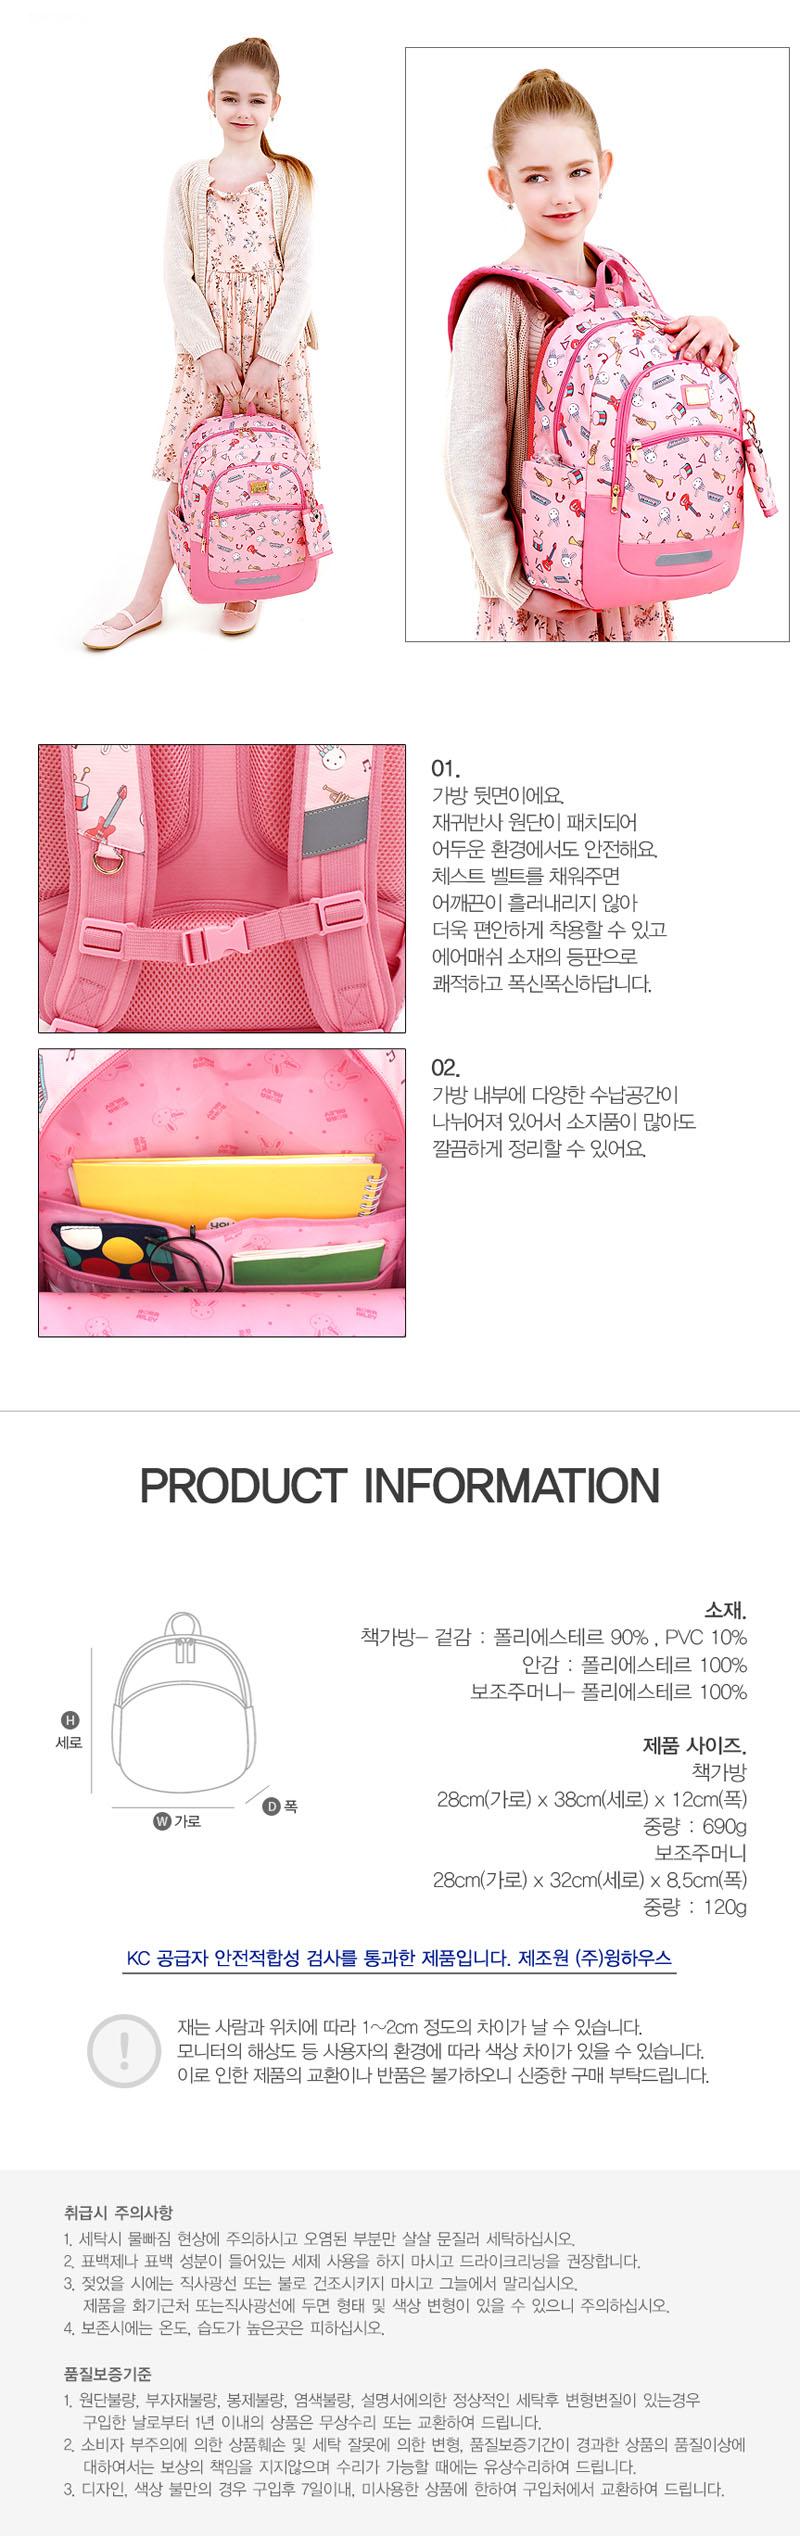 로라 랩소디 책가방 세트 MA1024 - 쥬피터, 83,800원, 가방, 백팩